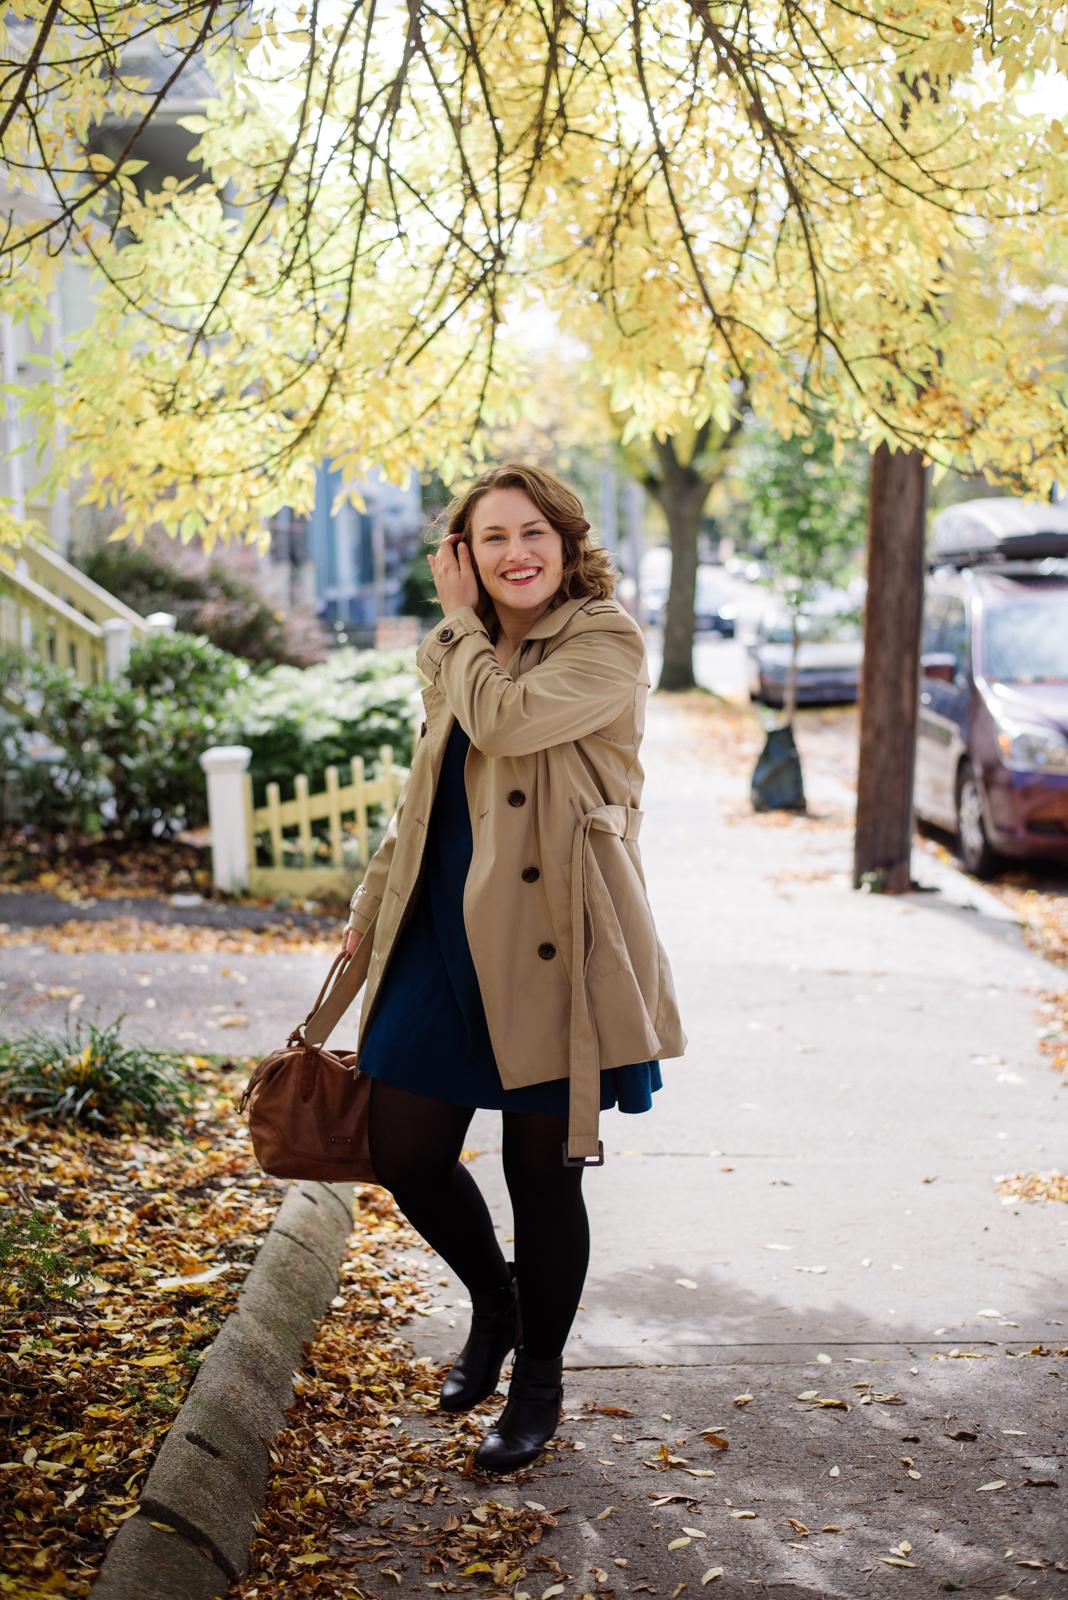 10142018-AbbyBowling-JuliaLuckettPhotography-3.jpg